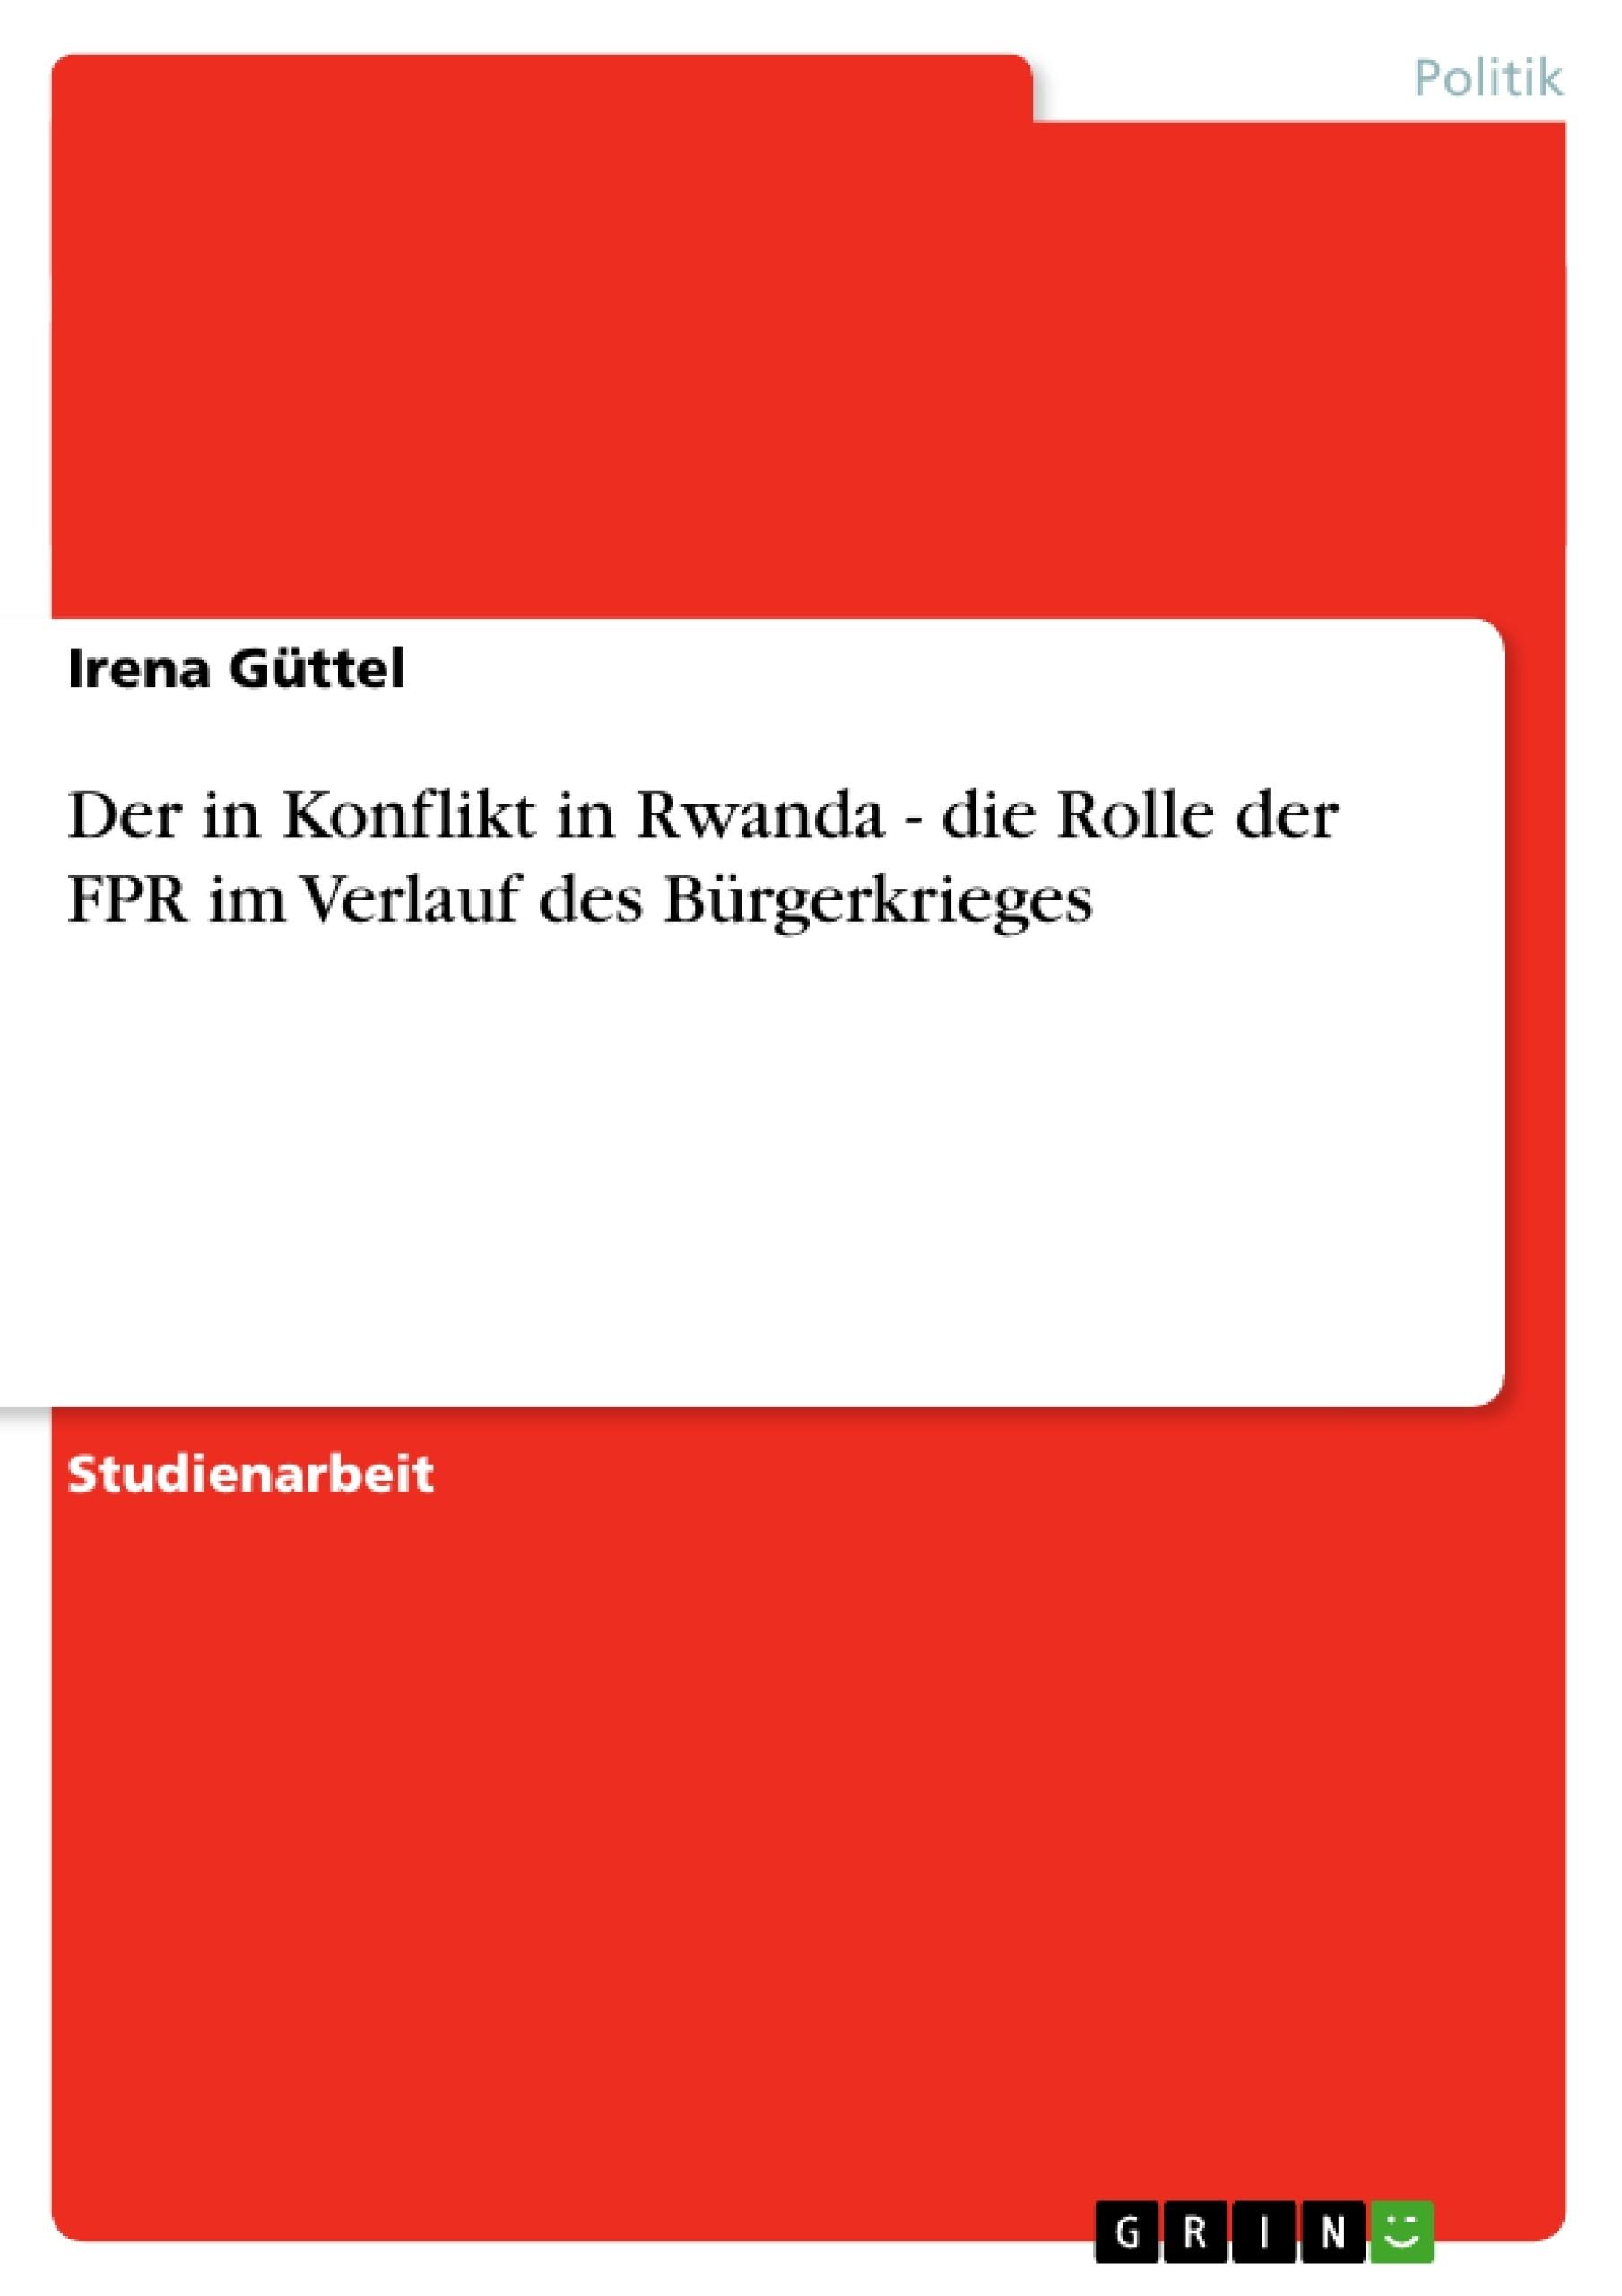 Titel: Der in Konflikt in Rwanda - die Rolle der FPR im Verlauf des Bürgerkrieges